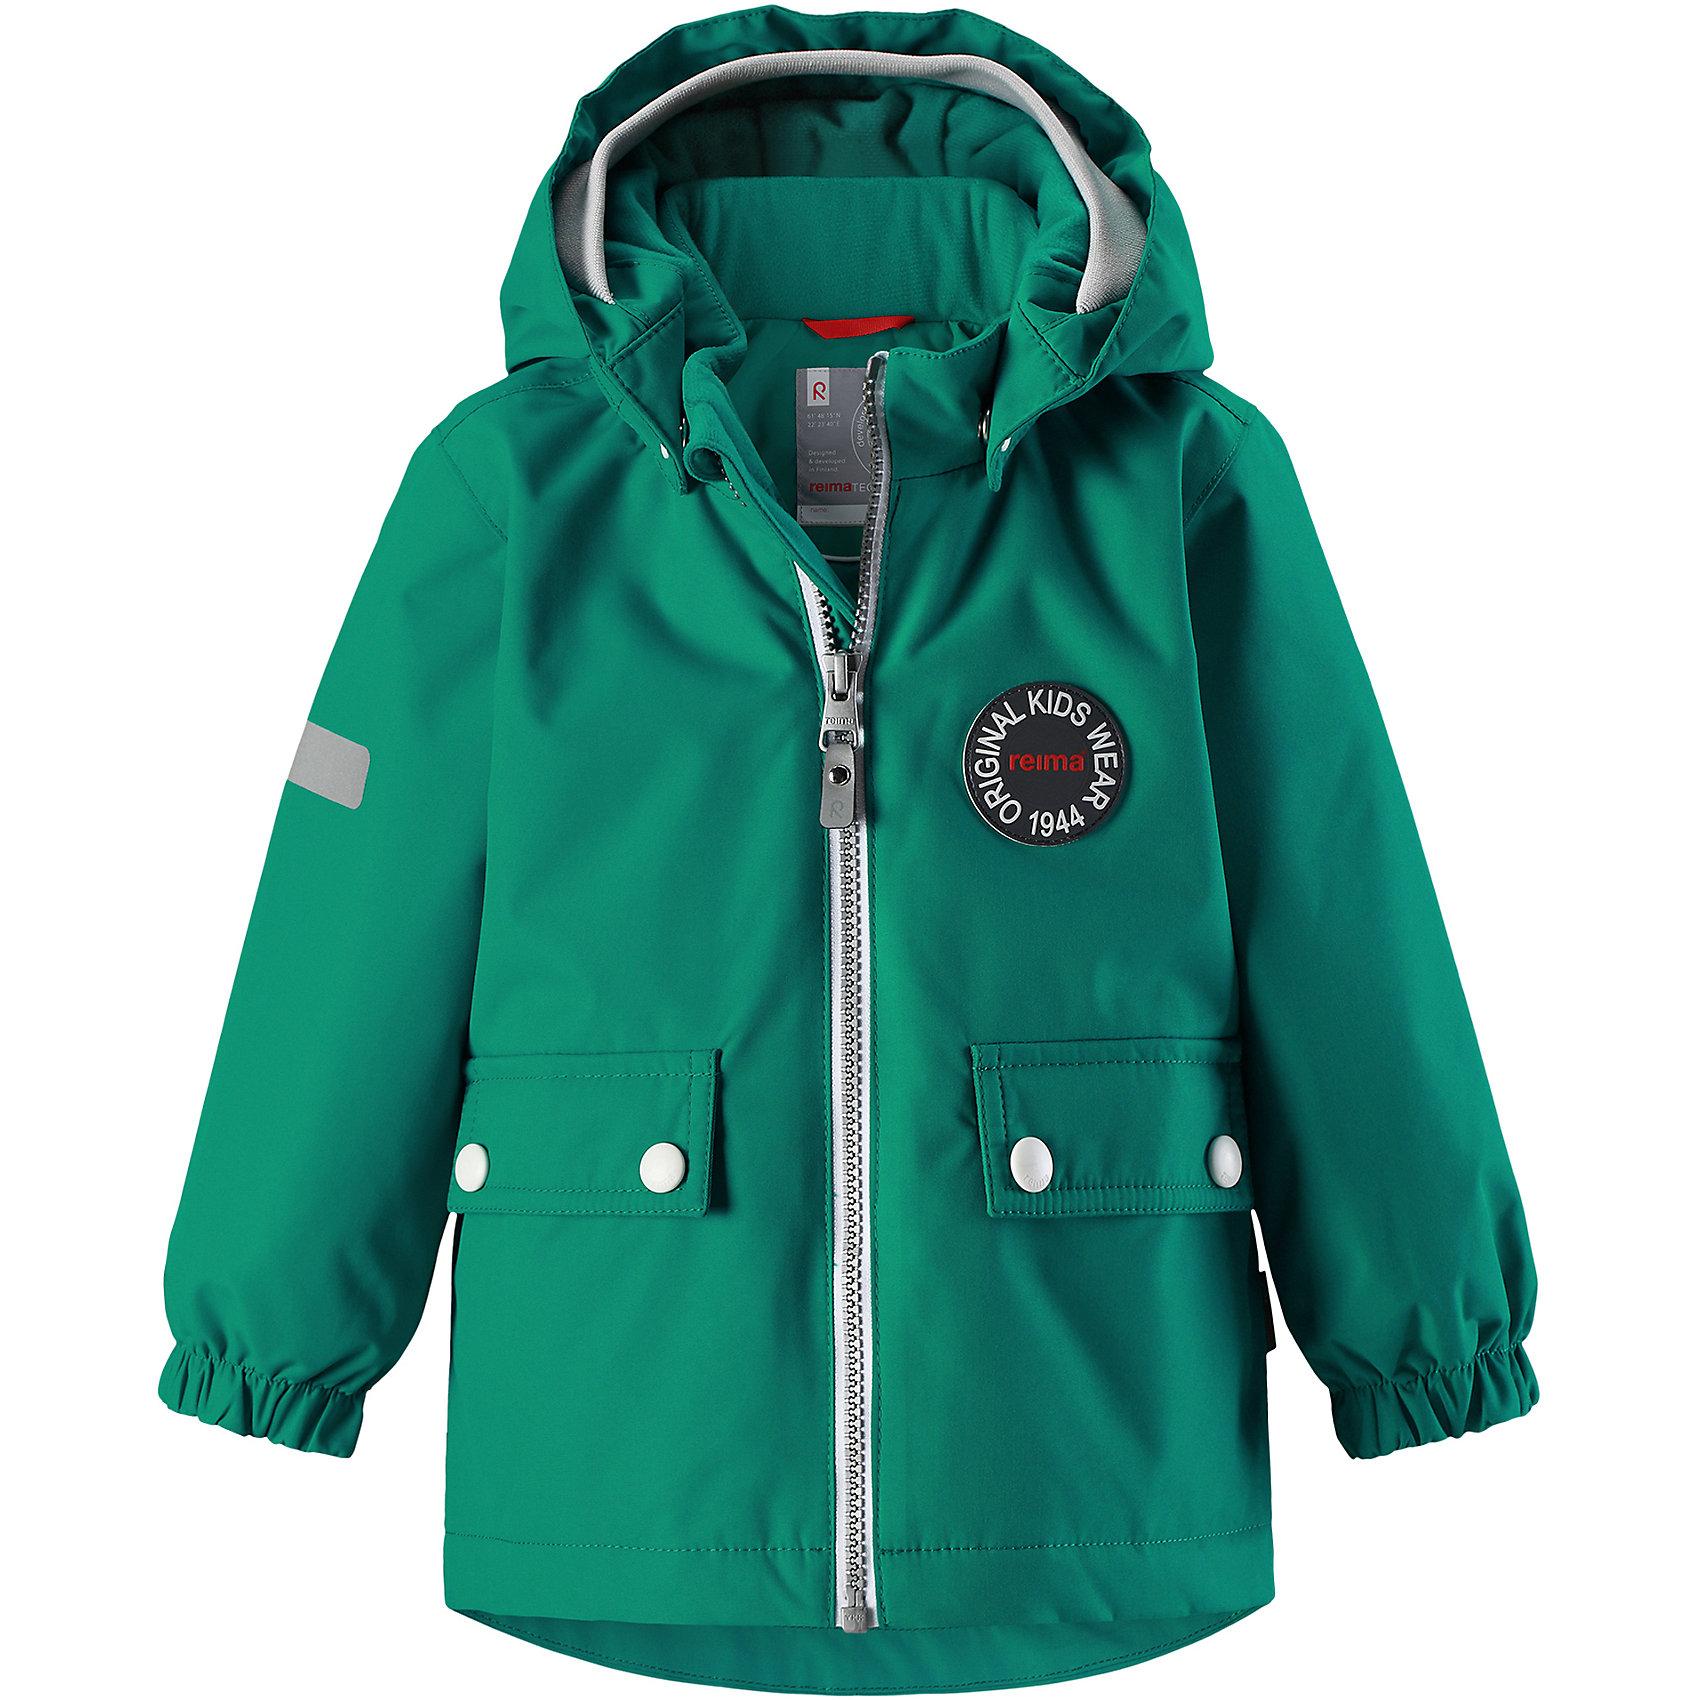 Куртка Quilt Reimatec® ReimaВерхняя одежда<br>Фасон этой очень популярной утепленной и непромокаемой куртки для малышей навеян мотивами дизайна Reima® 70-х. Самые важные швы в этой демисезонной куртке проклеены и водонепроницаемы, а сама она изготовлена из ветронепроницаемого, дышащего материала с водо- и грязеотталкивающей поверхностью. Гладкая подкладка из полиэстера поможет быстро одеться. Съемный капюшон не только защищает от пронизывающего ветра, но еще и безопасен во время игр на свежем воздухе. Кнопки легко отстегиваются, если капюшон случайно за что-нибудь зацепится. Мягкая резинка по краю регулируемого капюшона, а также большие карманы с клапанами и светоотражающие детали придают образу изюминку. Дополните ретро-образ симпатичными аксессуарами!<br>Состав:<br>100% Полиэстер<br><br>Ширина мм: 356<br>Глубина мм: 10<br>Высота мм: 245<br>Вес г: 519<br>Цвет: зеленый<br>Возраст от месяцев: 24<br>Возраст до месяцев: 36<br>Пол: Унисекс<br>Возраст: Детский<br>Размер: 98,80,86,92<br>SKU: 6968427